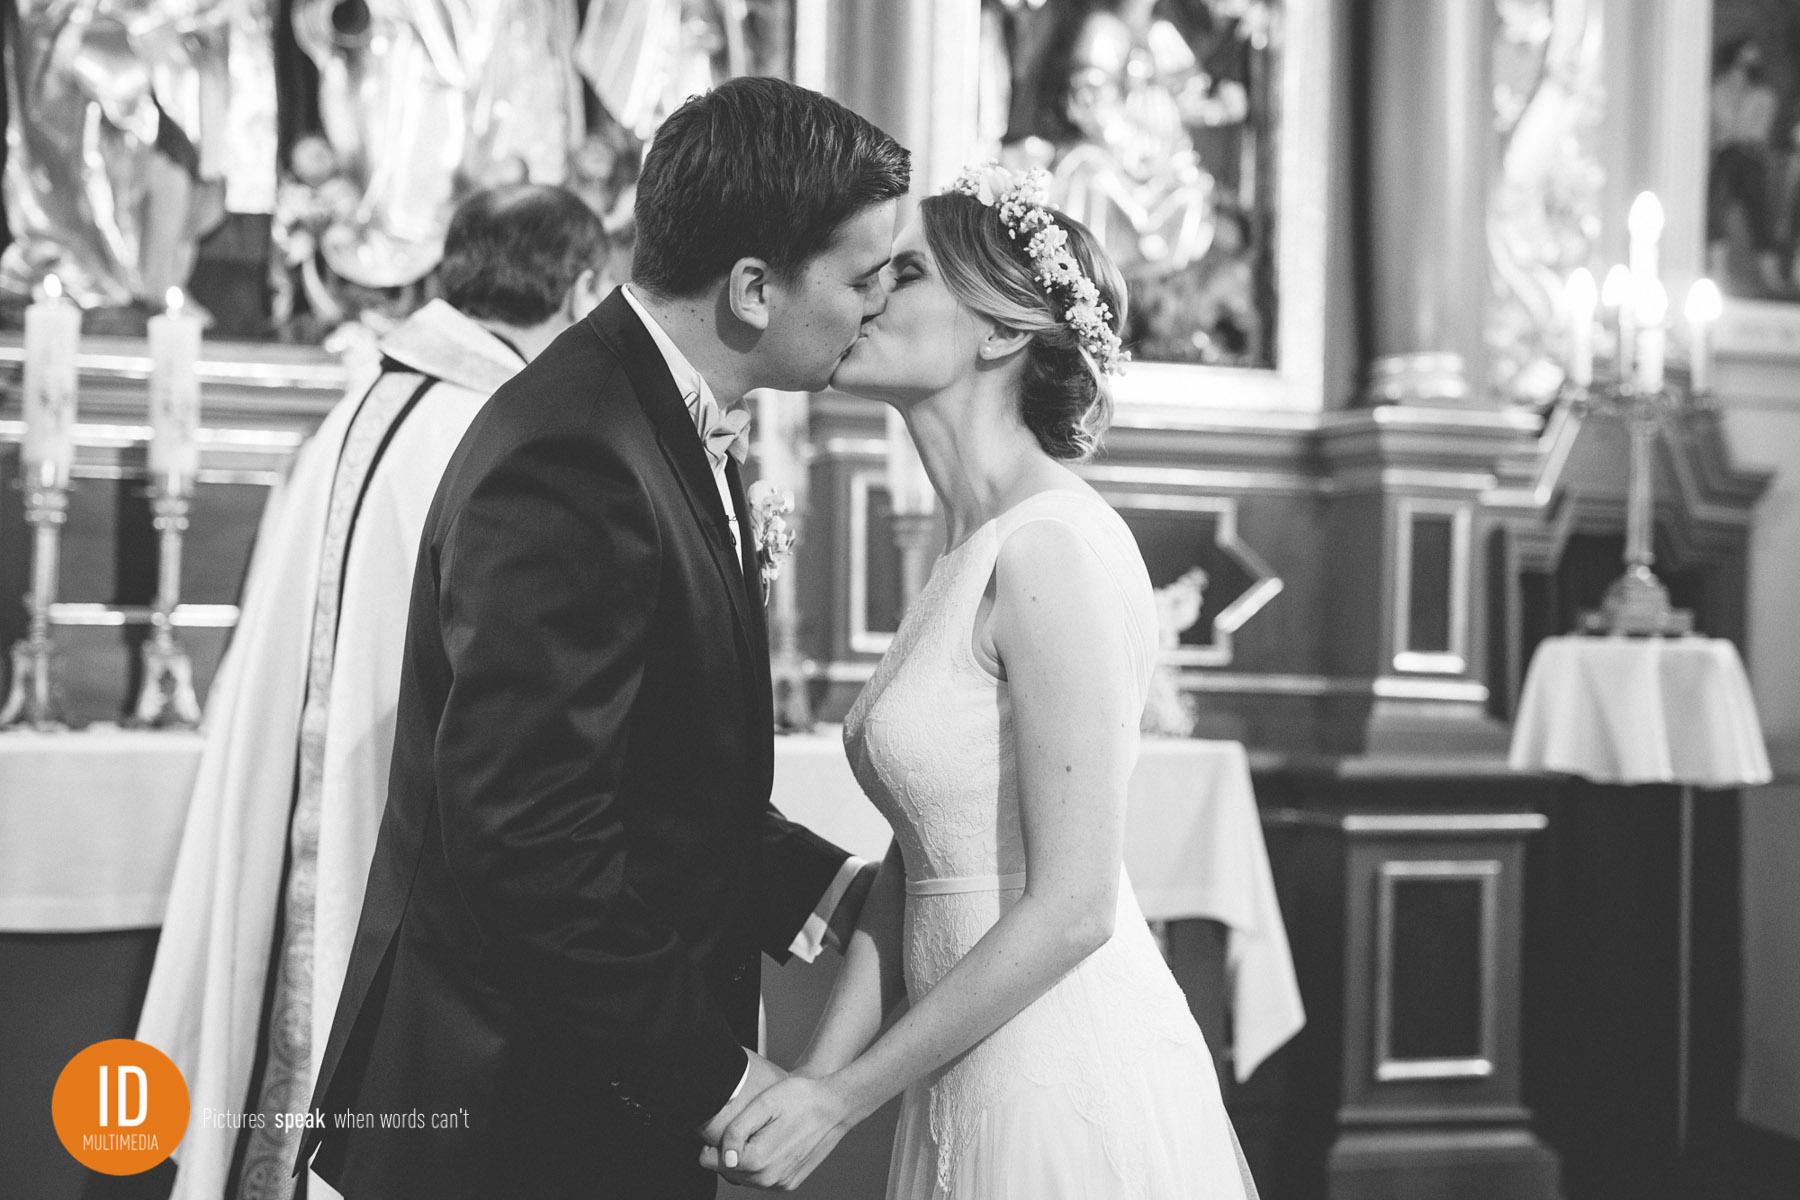 po przysiędze małżeńskiej